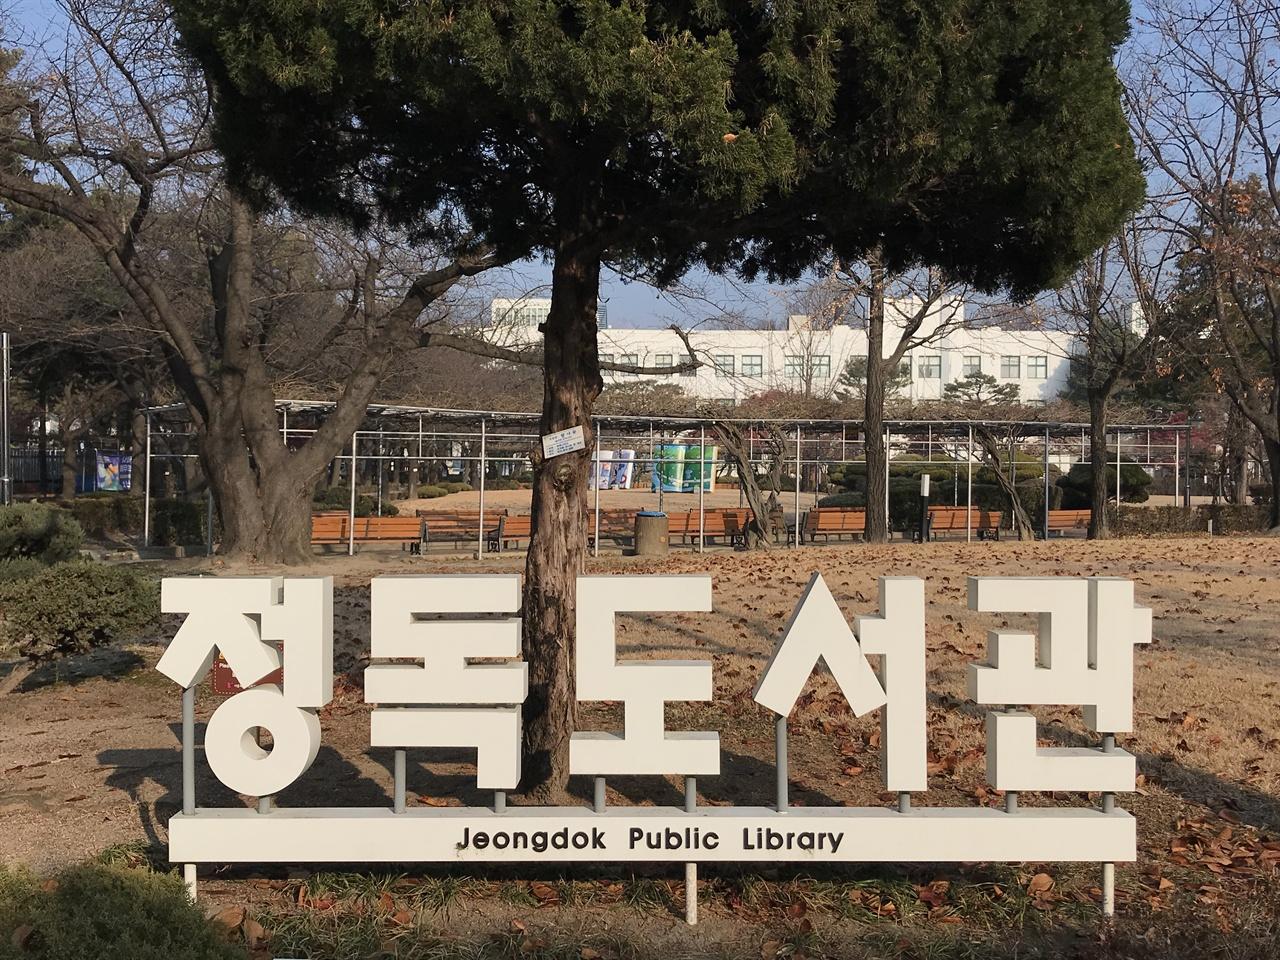 정독도서관 1977년 문을 열어 올해로 개관 42주년을 맞았다. 역사는 종로도서관과 남산도서관의 절반에 불과하지만, 서울에서 가장 장서가 많은 도서관이다. 50만 점 이상의 자료를 소장하고 있고, 1,862석의 좌석을 보유하고 있다.